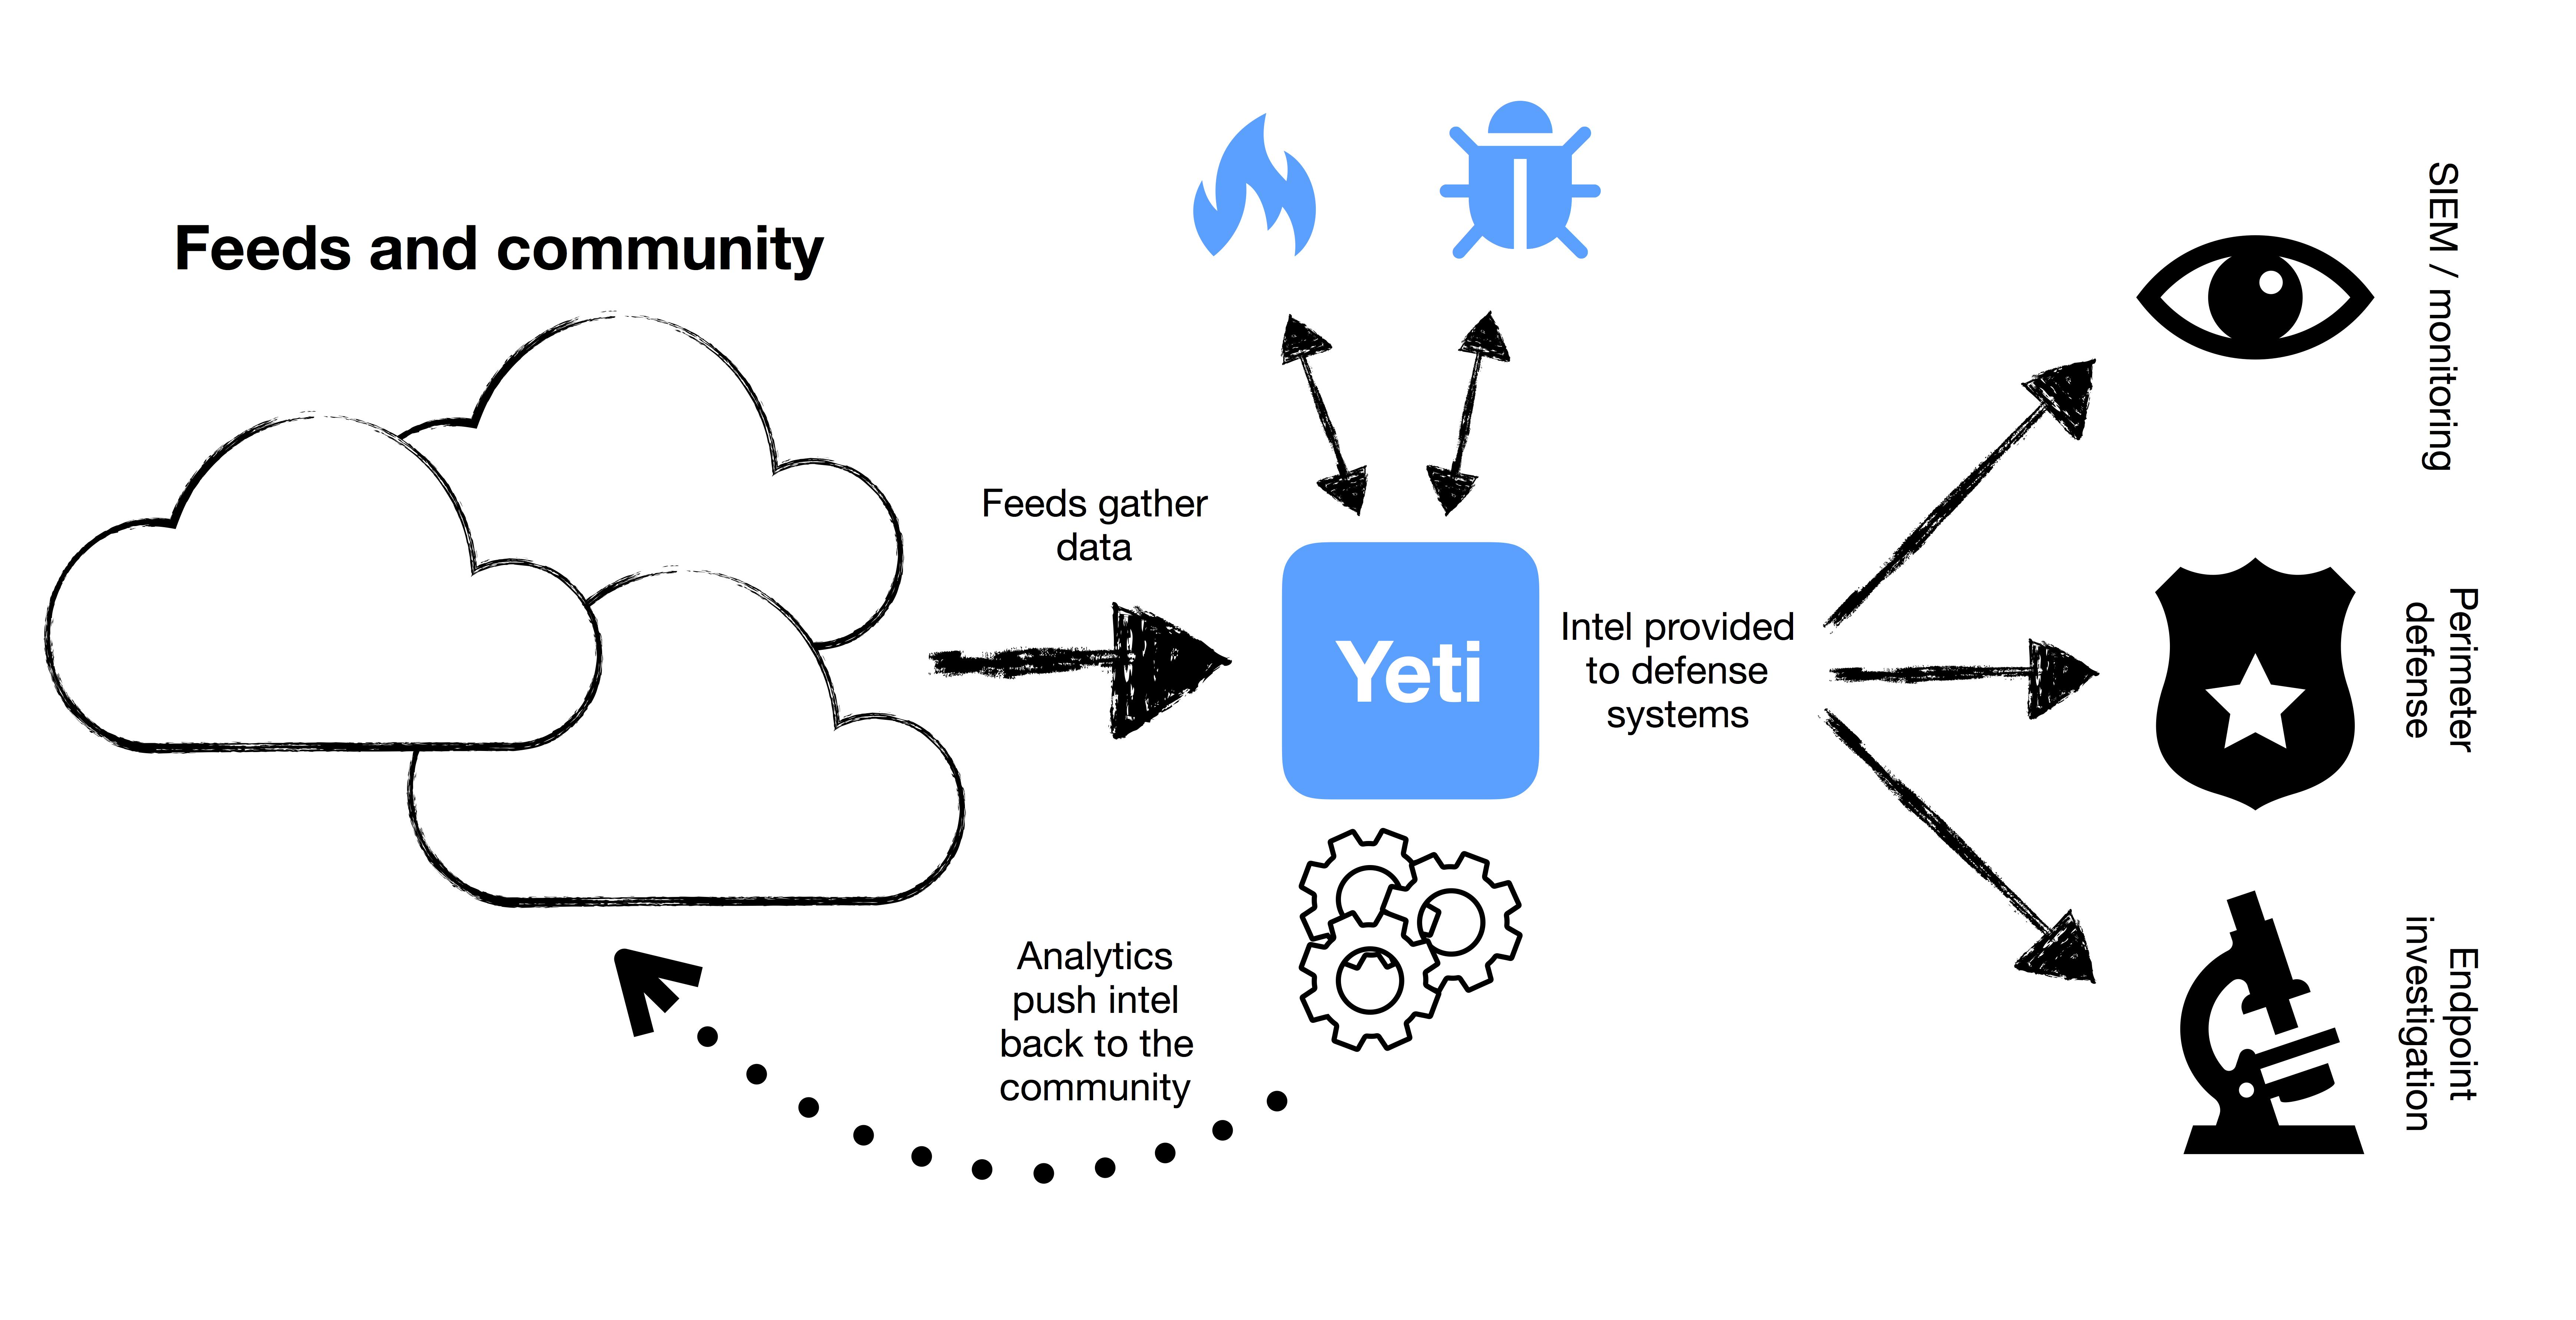 Yeti's extended family